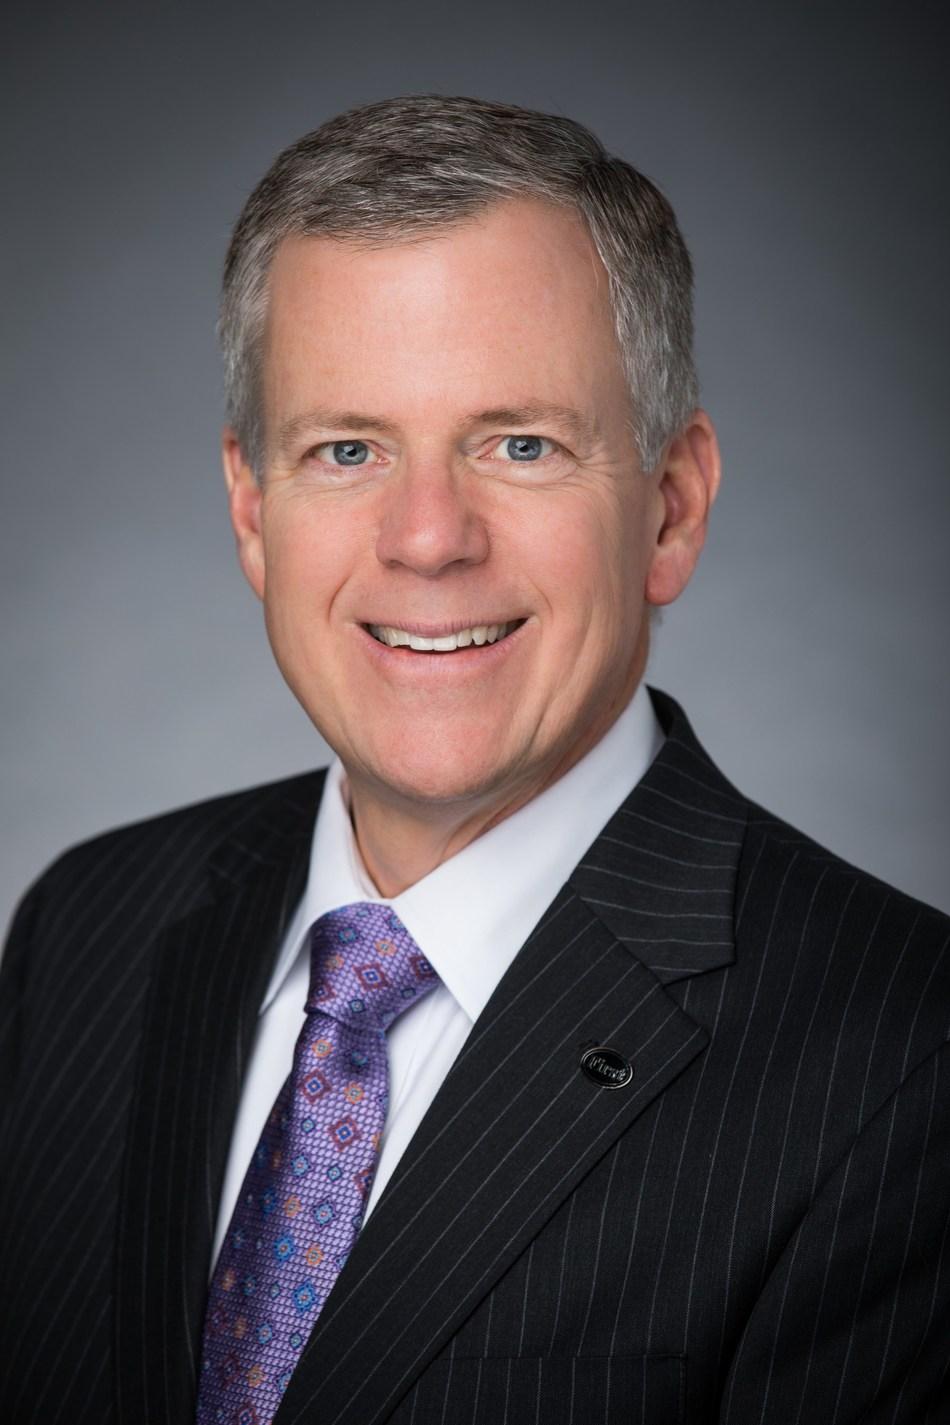 John Rock, Senior Vice President /GOVERNMENT LENDING SBA & USDA